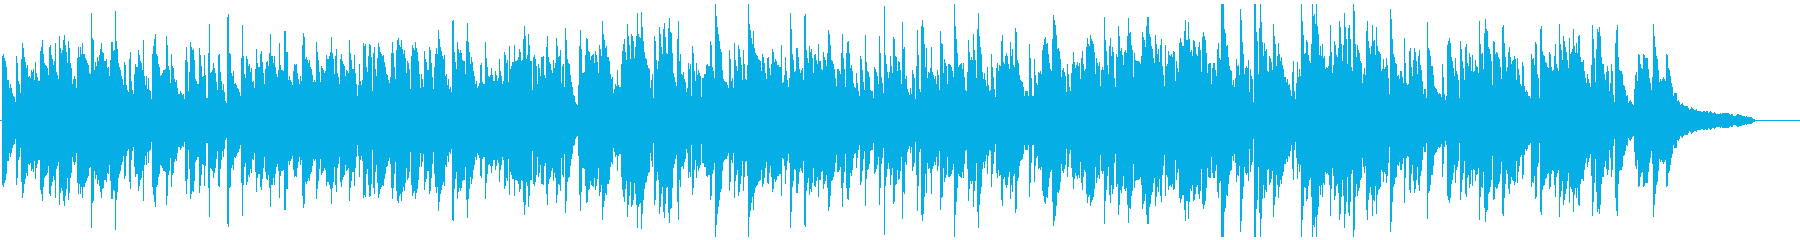 しっとりしたスローテンポな冬のボサノバの再生済みの波形